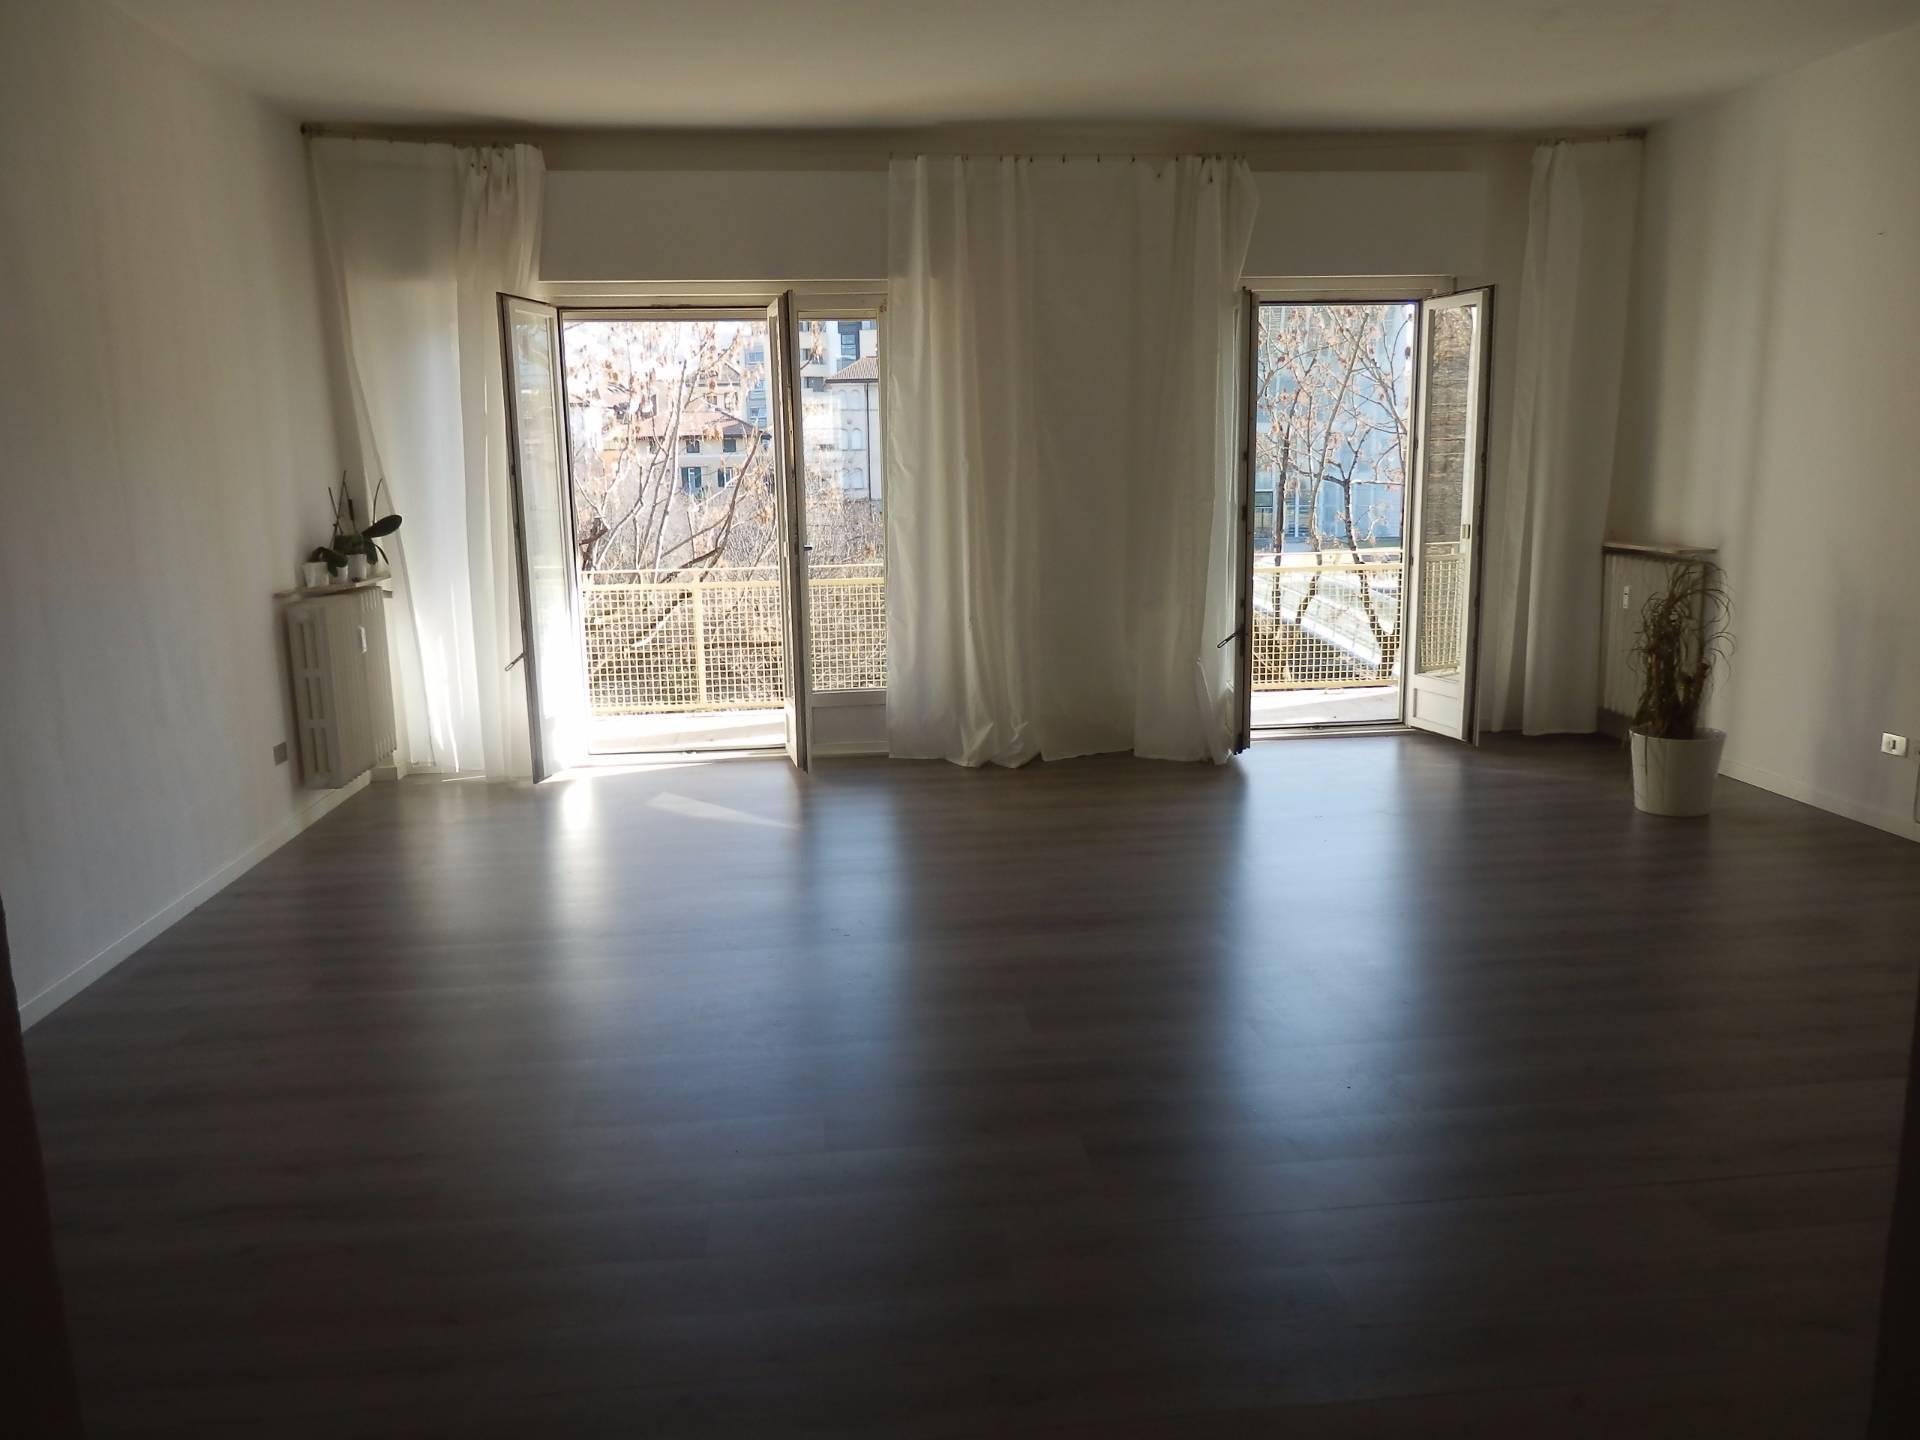 Appartamento in affitto a Bolzano, 6 locali, zona Zona: Residenziale, prezzo € 1.500 | Cambio Casa.it